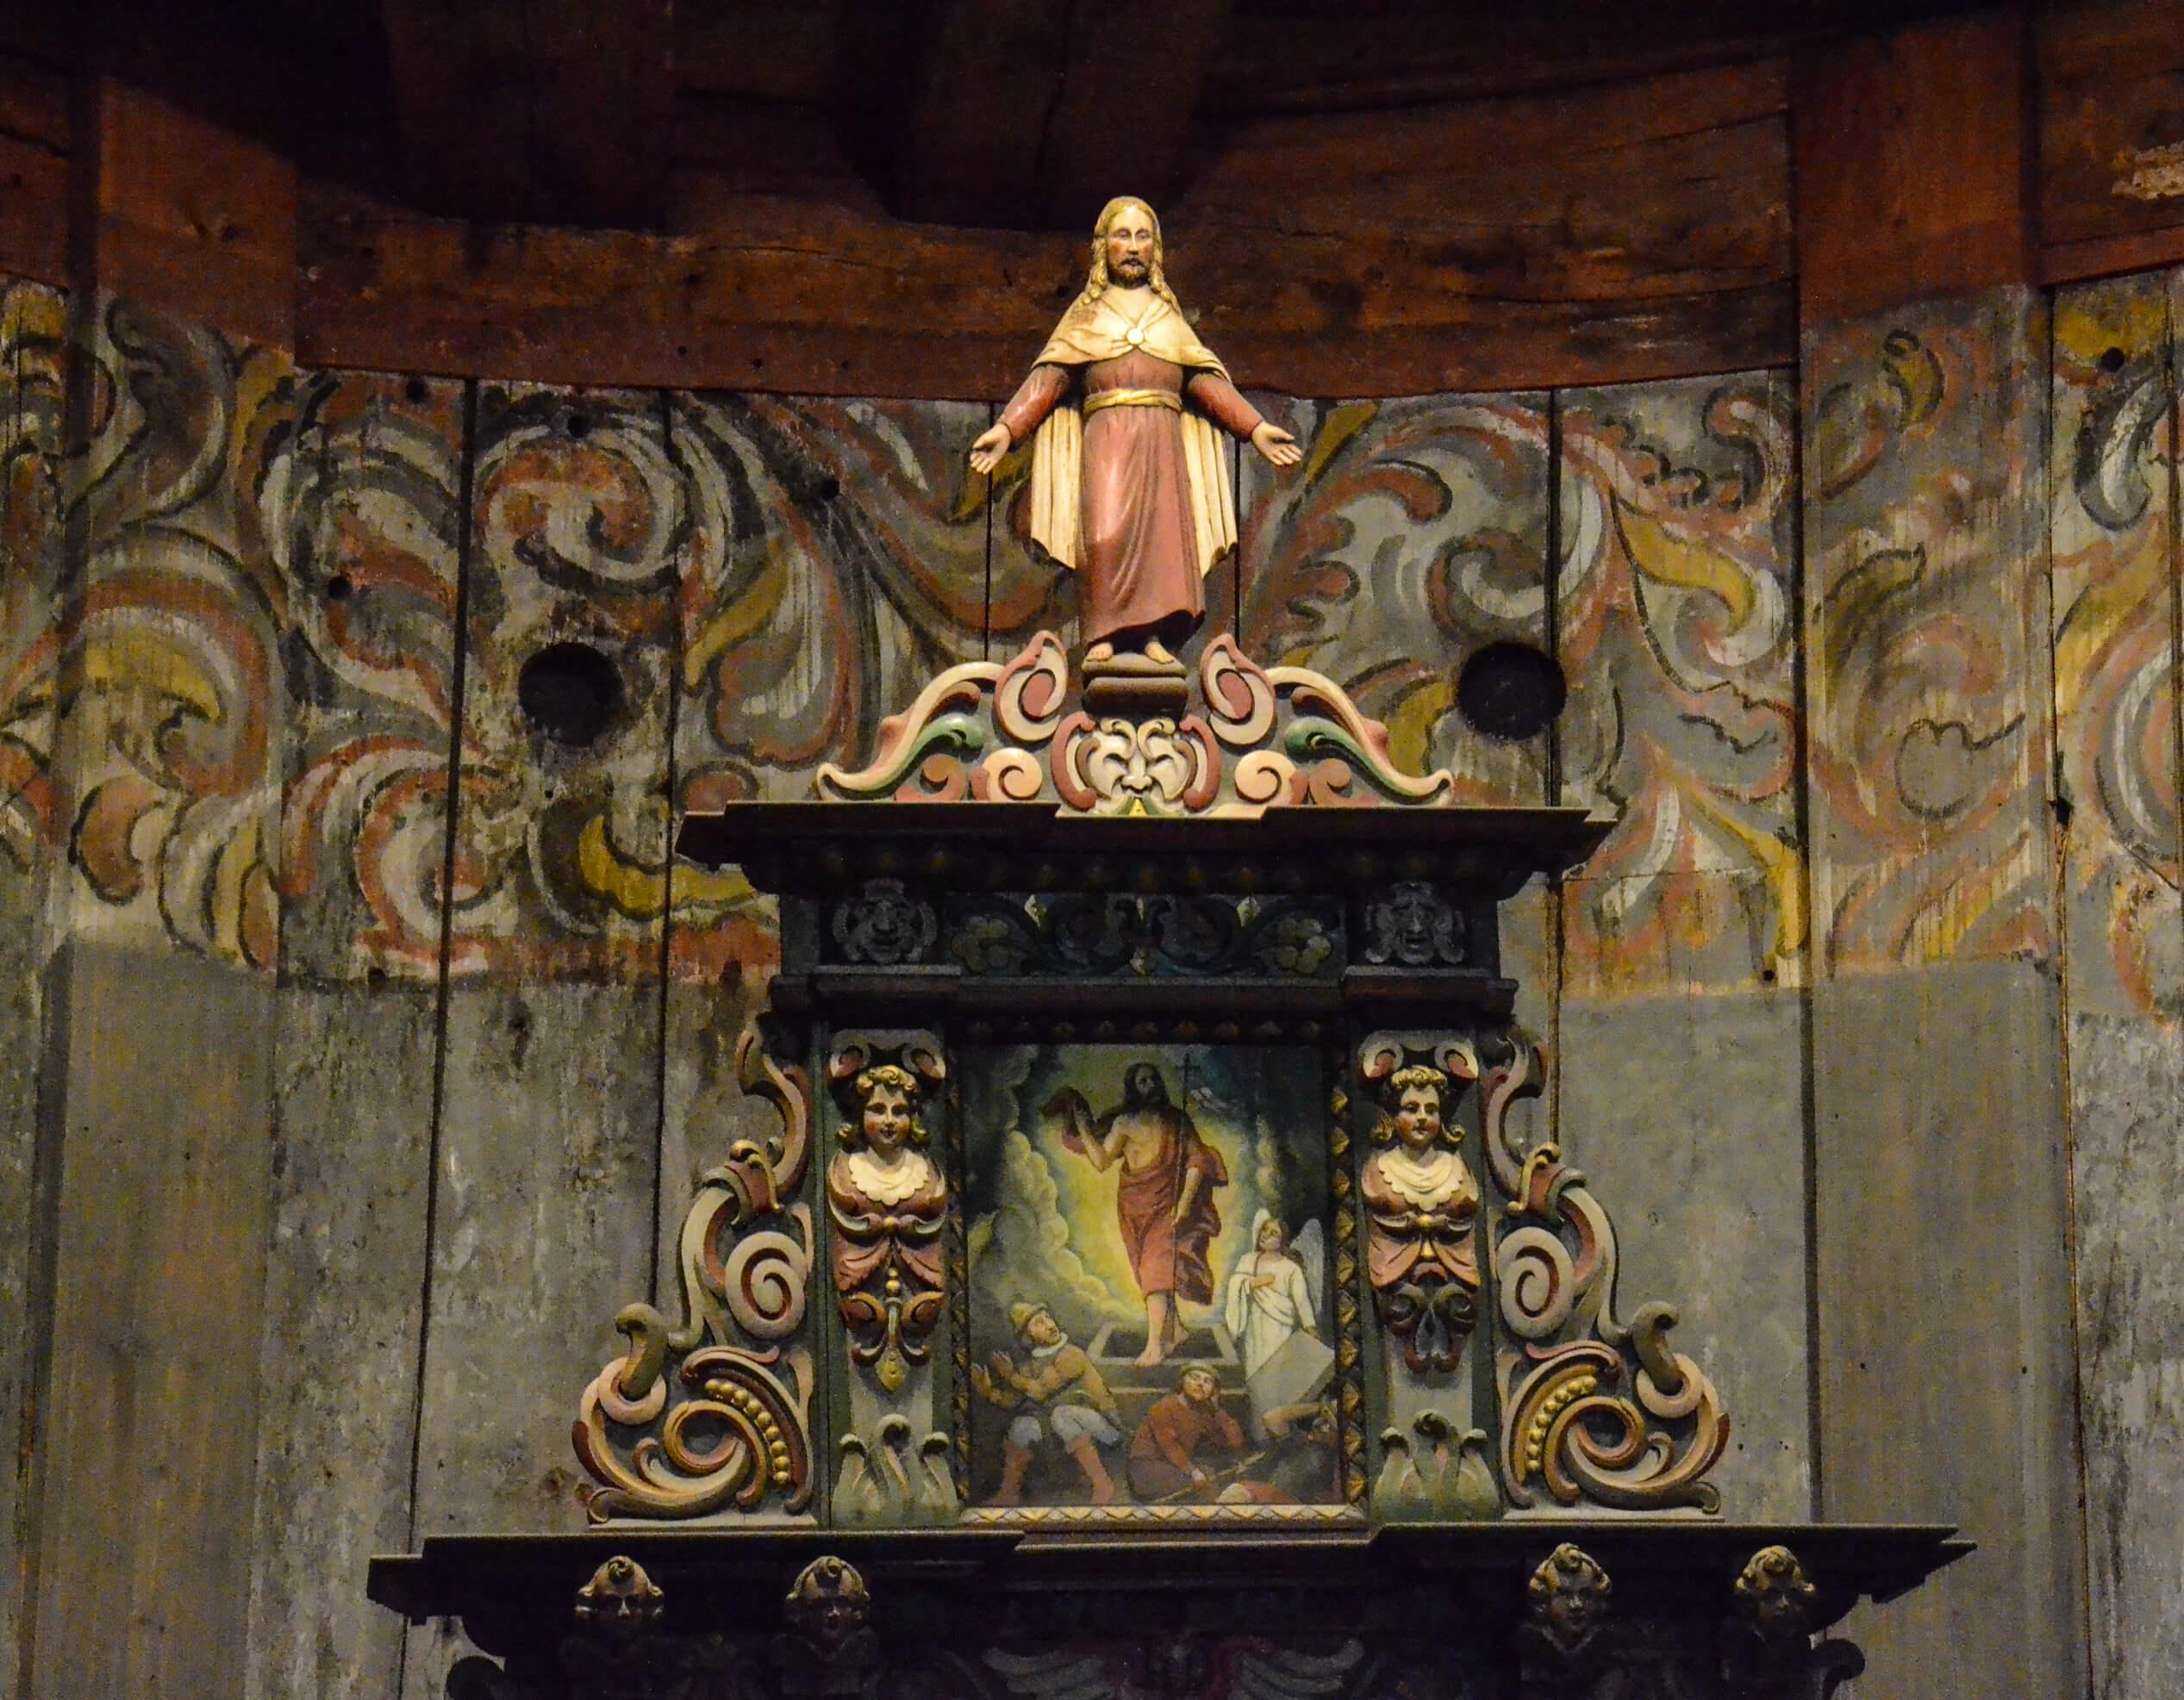 Altertavlen i Heddal stavkirke